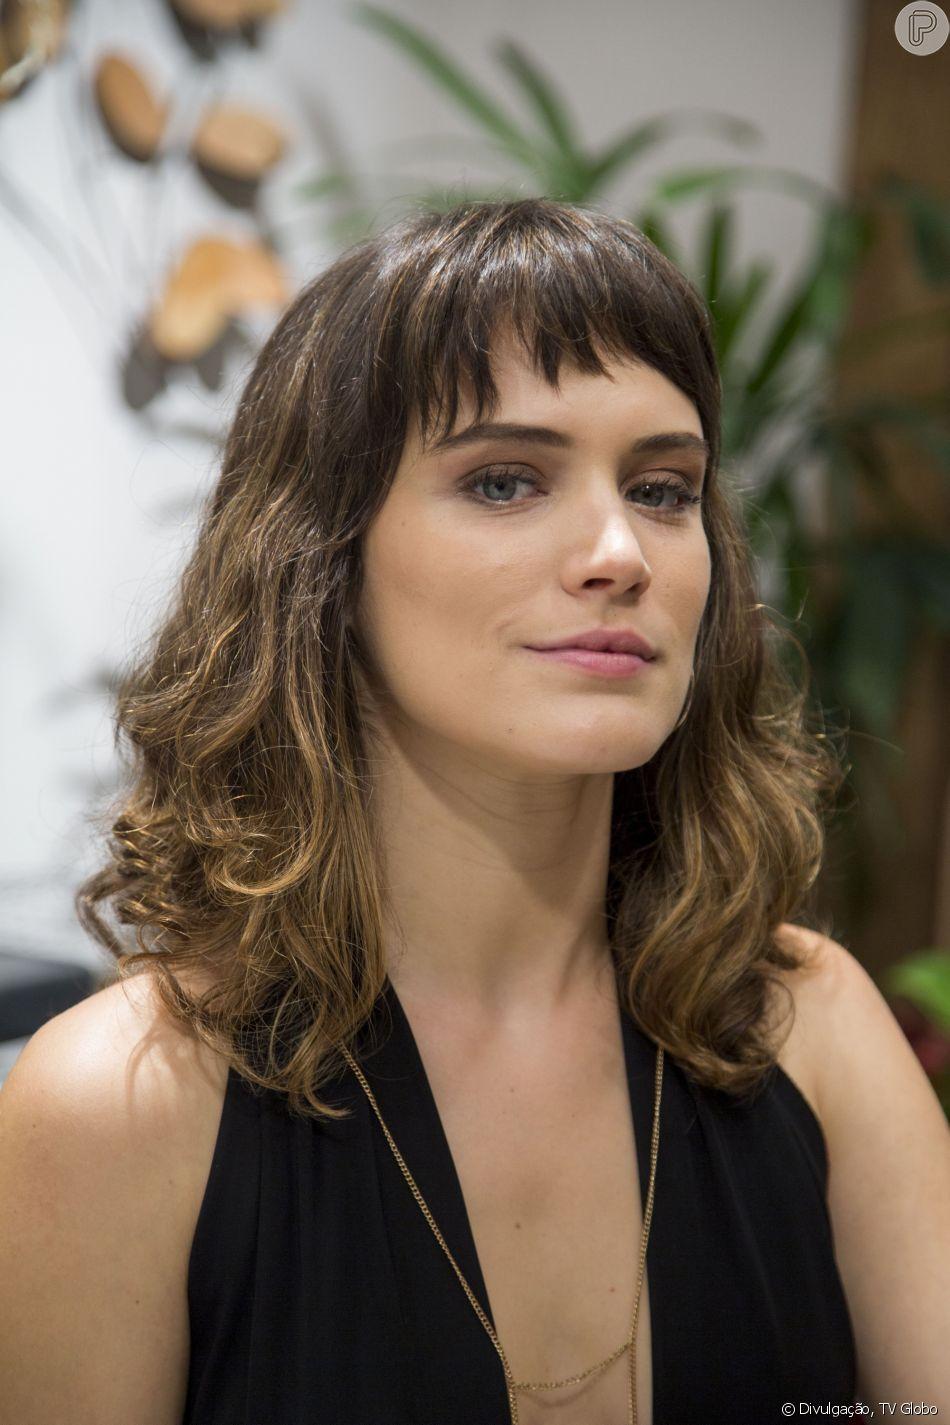 Bianca Bin deixou os cabelos superlongos de lado e adotou um visual modero, com corte mais curto e franjas assimétricas para viver a personagem Clara em 'O Outro Lado do Paraíso', em 2017